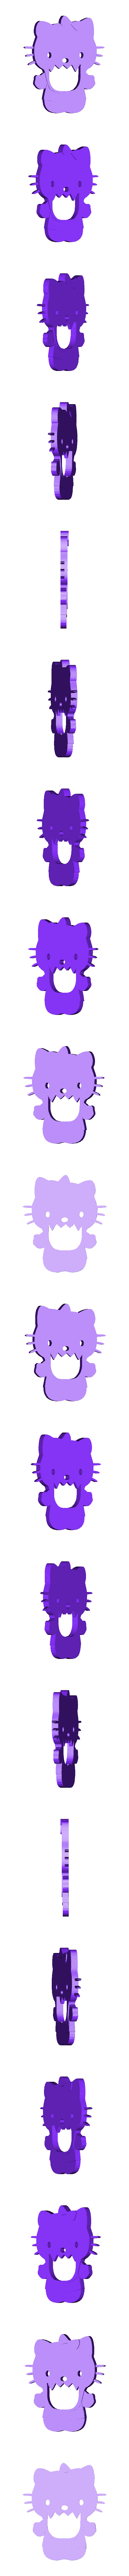 Hello_Kitty_Complete.stl Télécharger fichier STL gratuit Ouvre-bouteille Hello Kitty • Objet pour impression 3D, Runstone